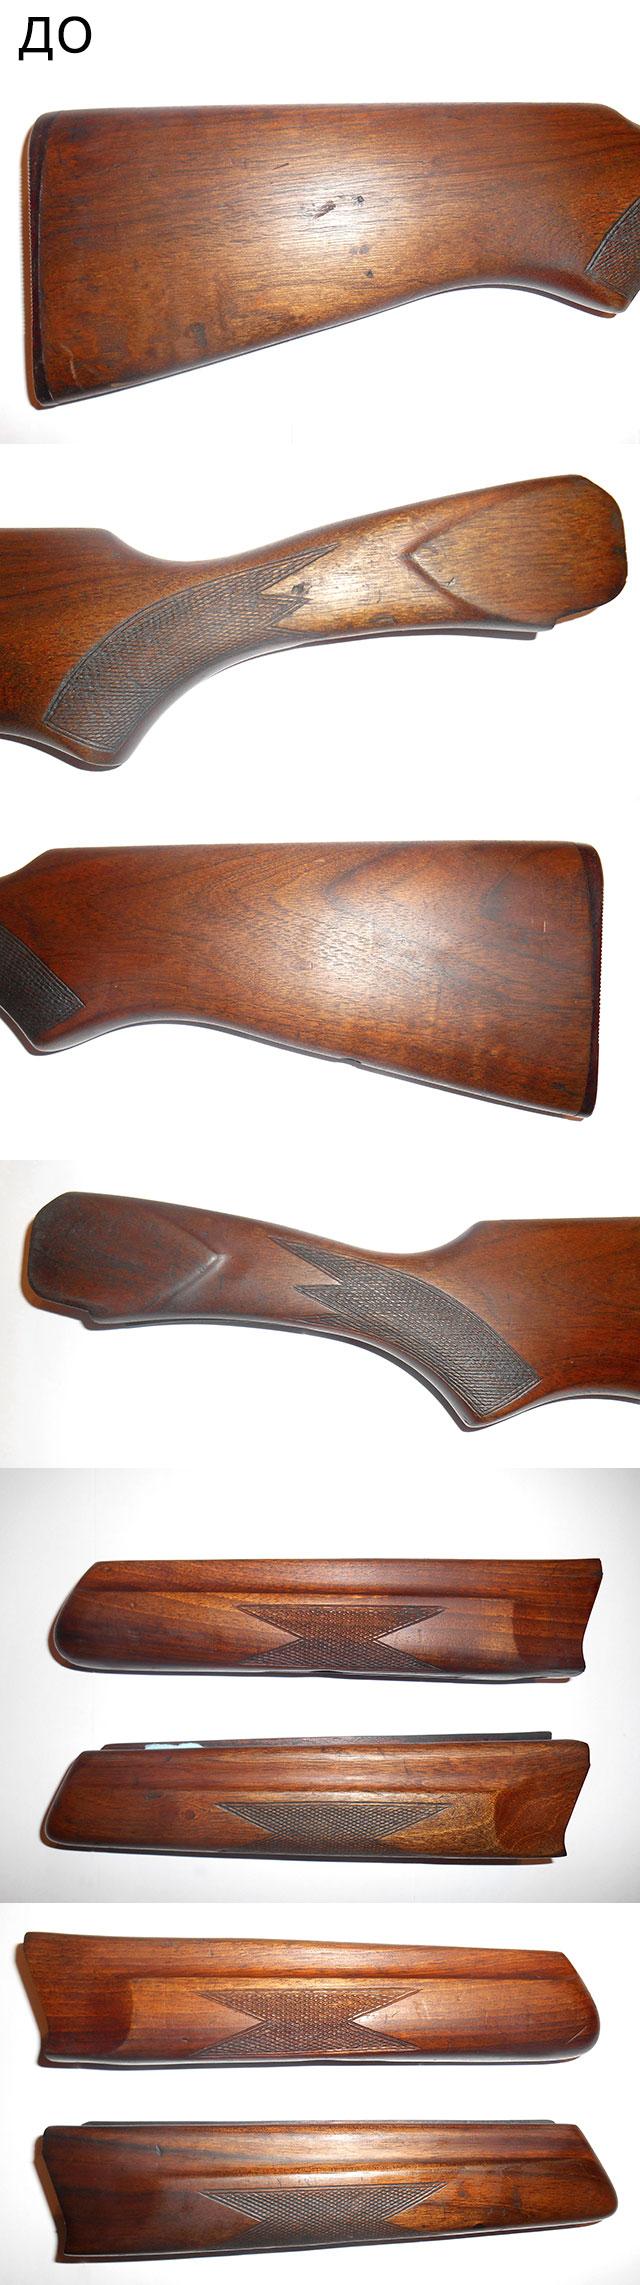 Приклад и цевье ружья ИЖ-94 до реставрации